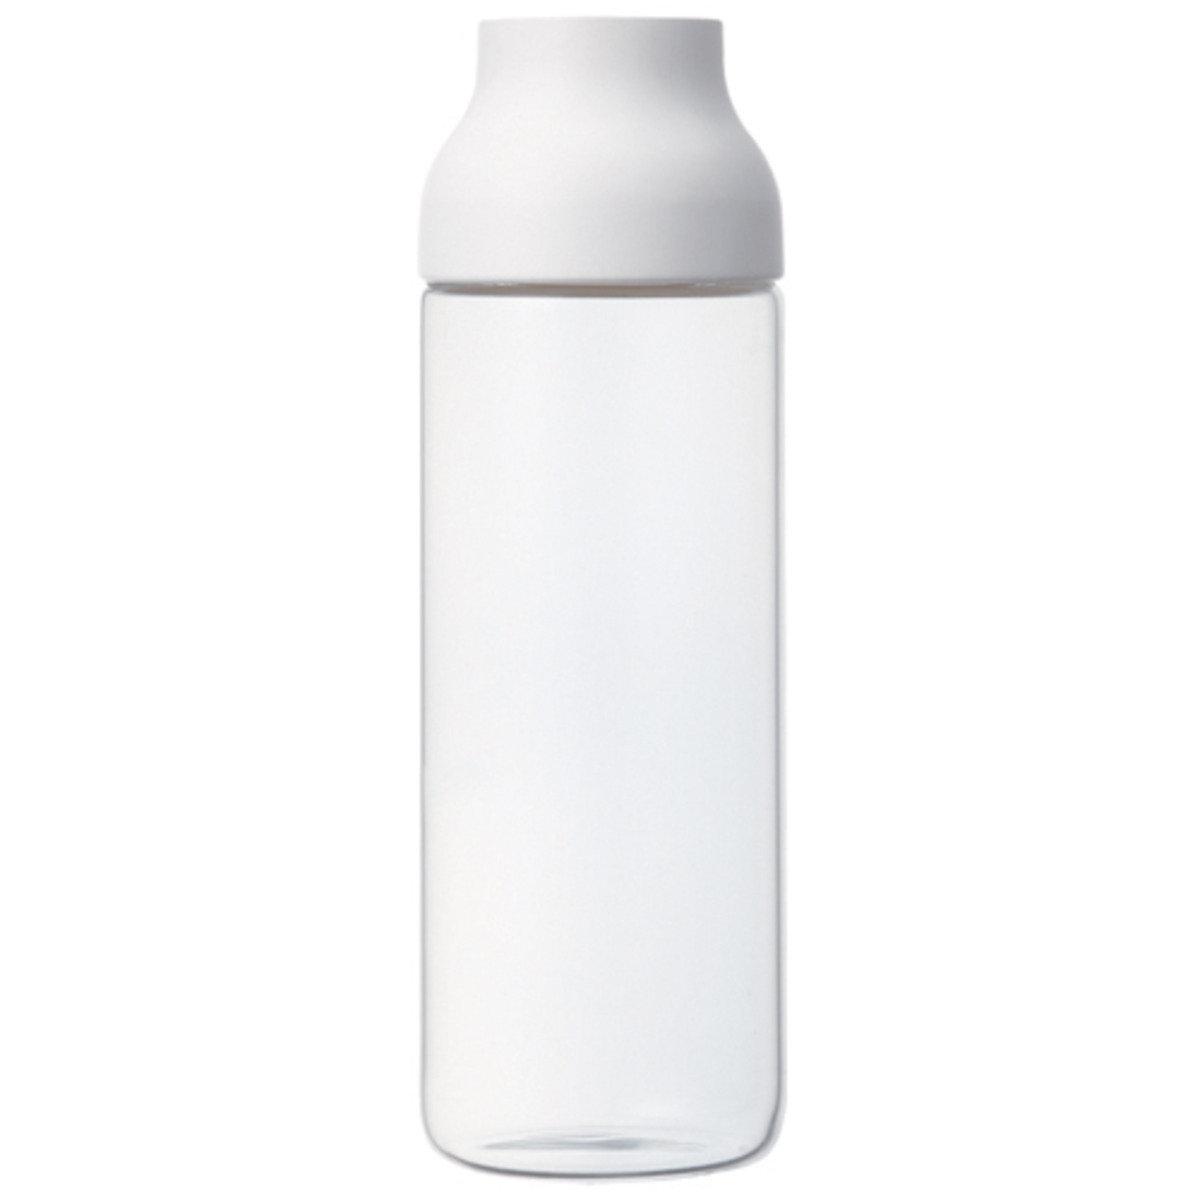 CAPSULE 玻璃水瓶 白色蓋